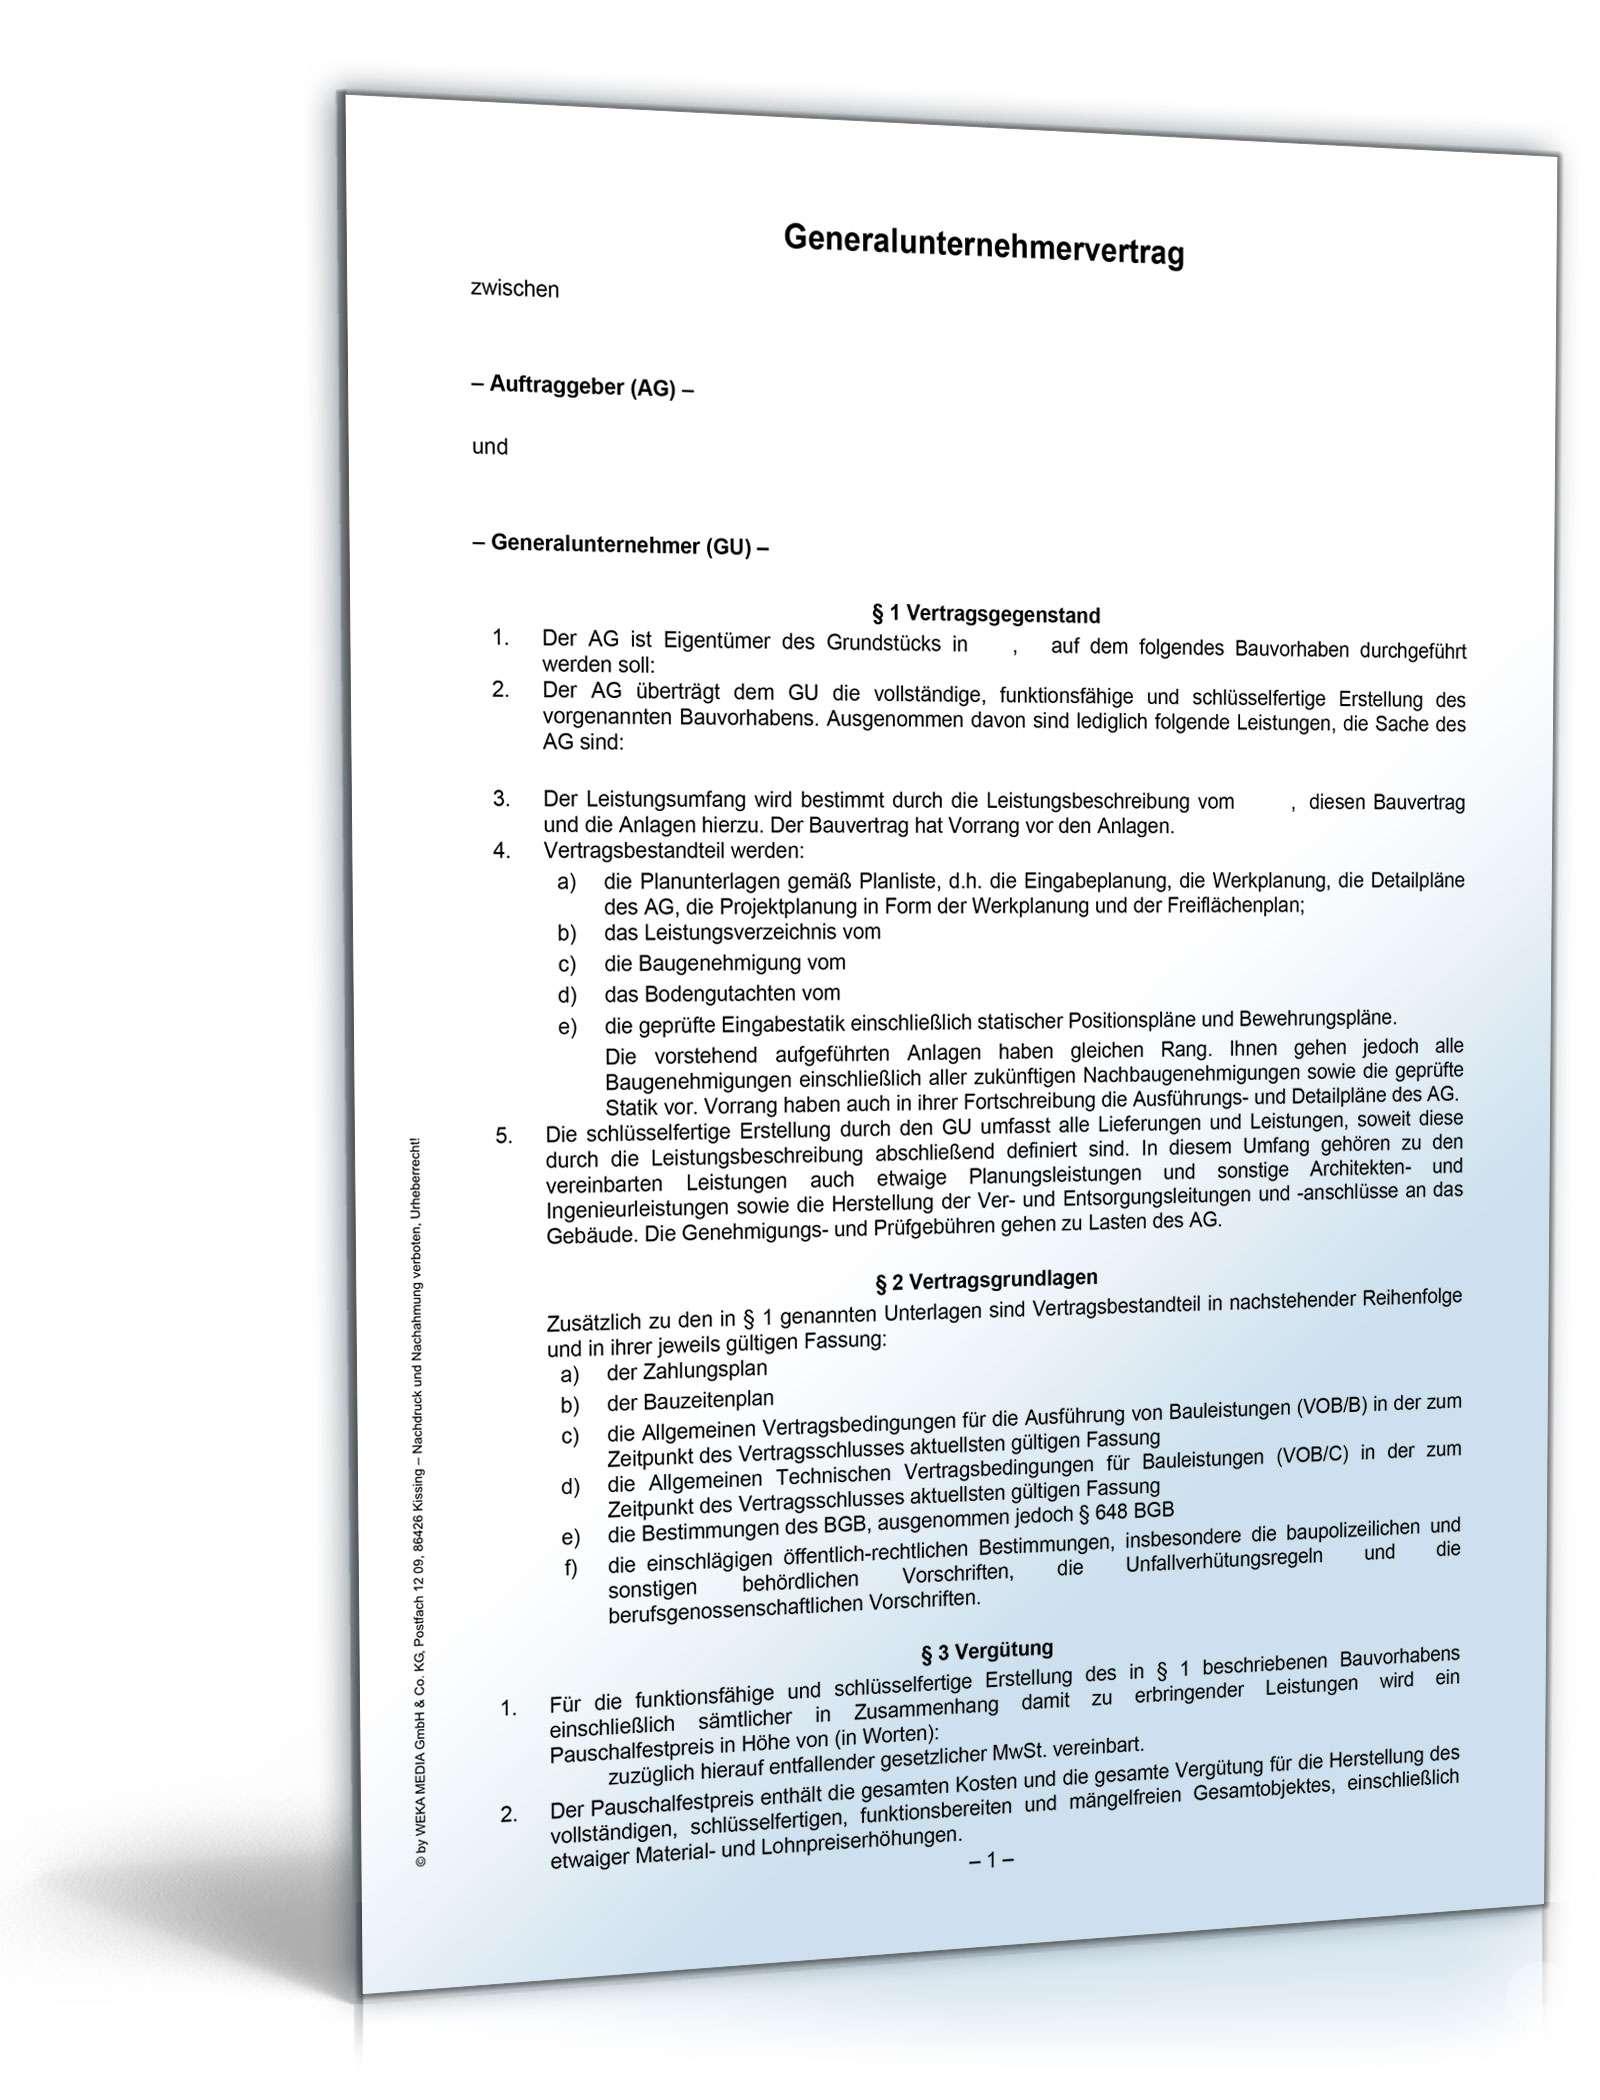 Generalunternehmervertrag Rechtssicheres Muster Zum Download